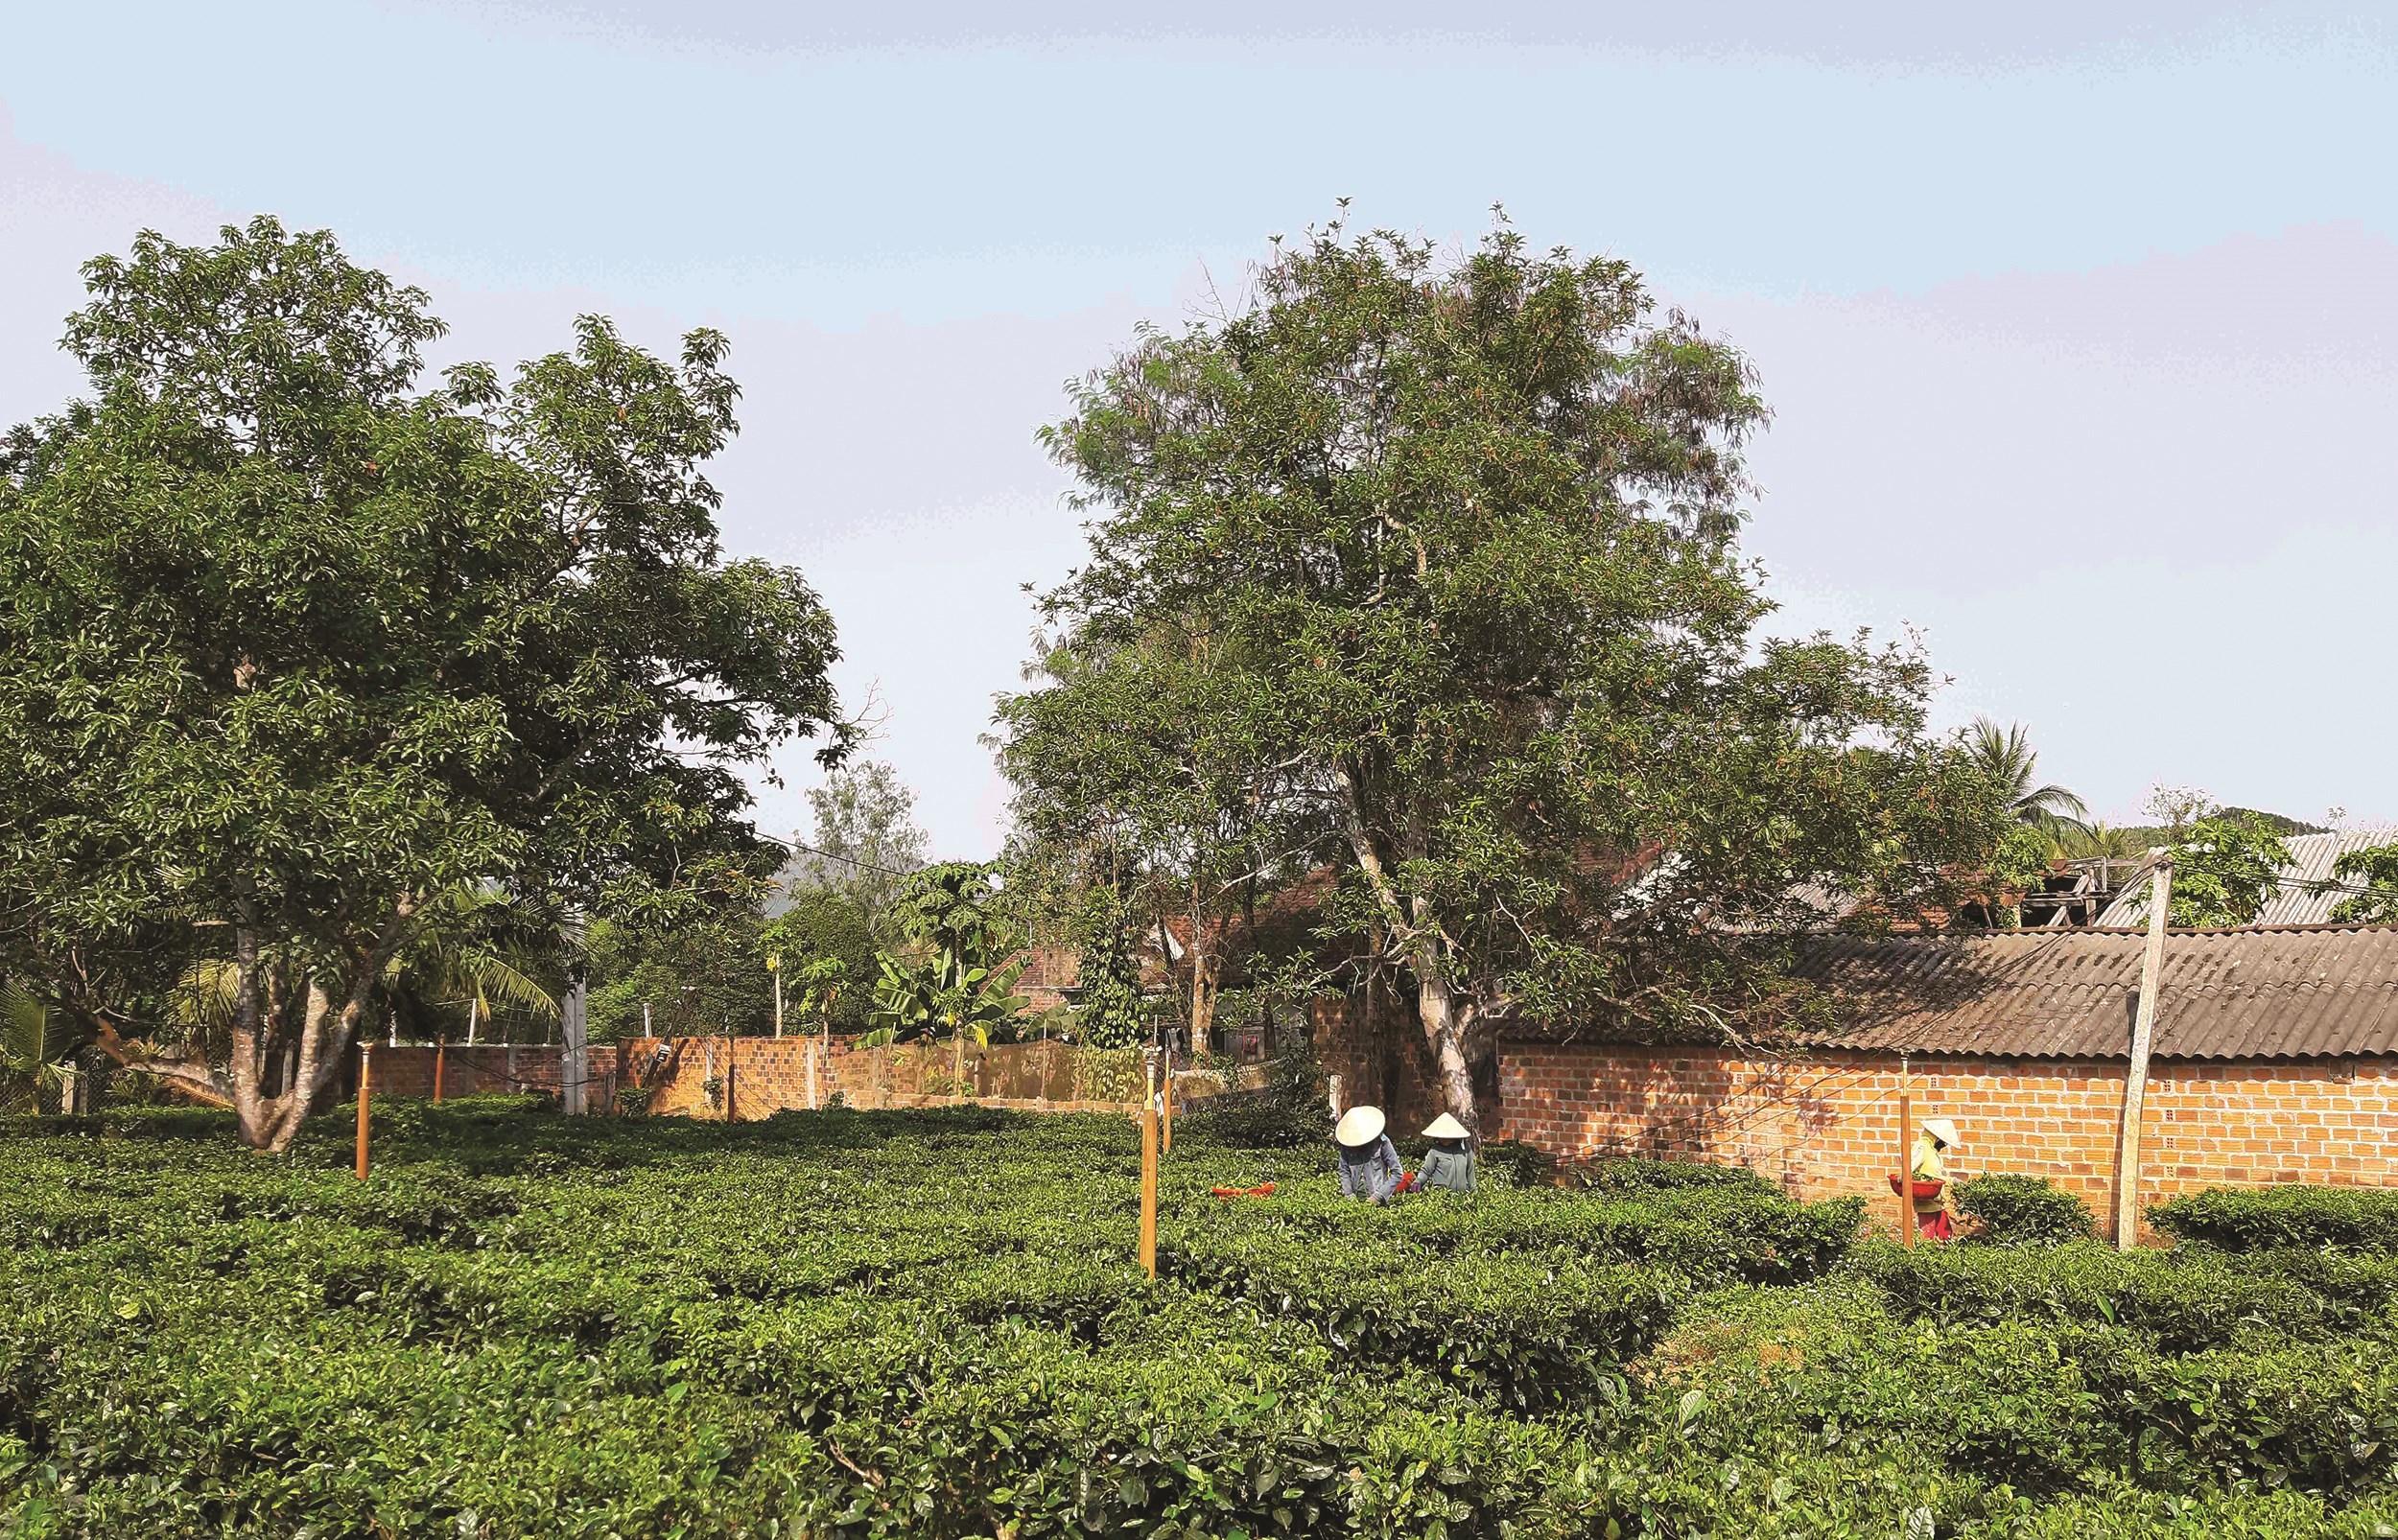 Những vườn chè Gò Loi đang được khôi phục lại, giúp địa phương có thêm sản phẩm đặc trưng và người dân có thêm thu nhập